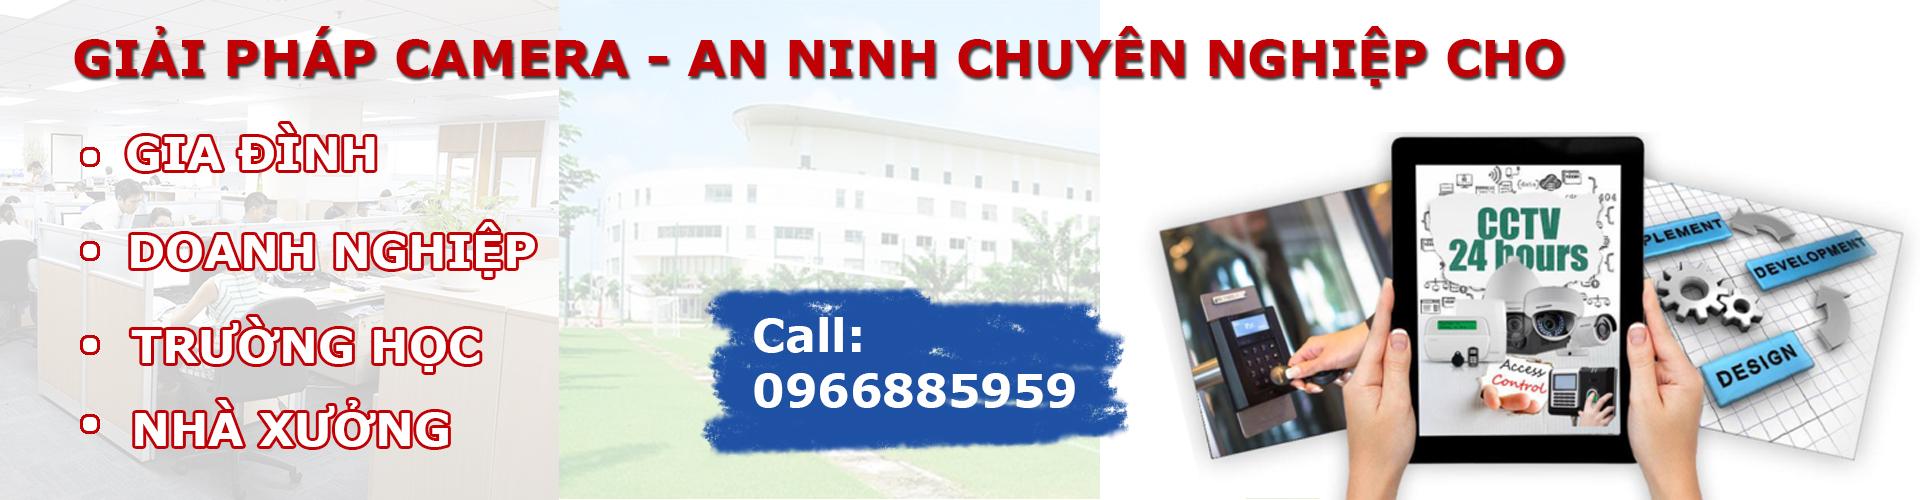 giai phap camera cho doanh nghiep-zintech banner